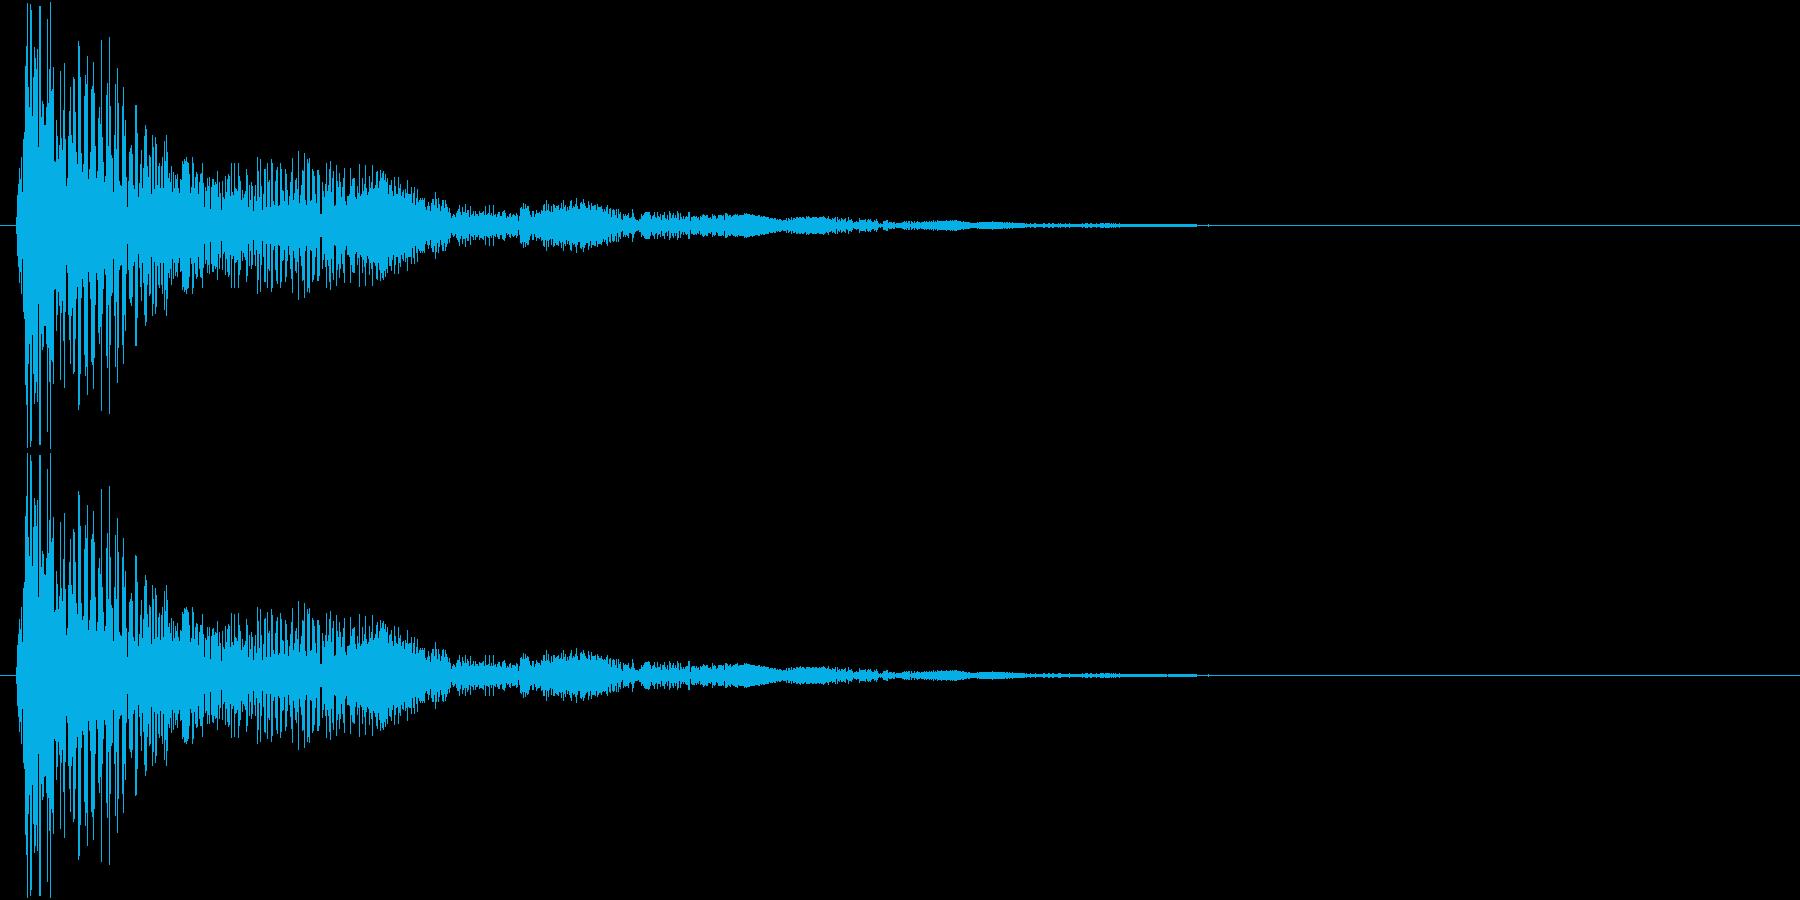 モワモワモワ…↑(水蒸気、雲、浮かぶ)の再生済みの波形